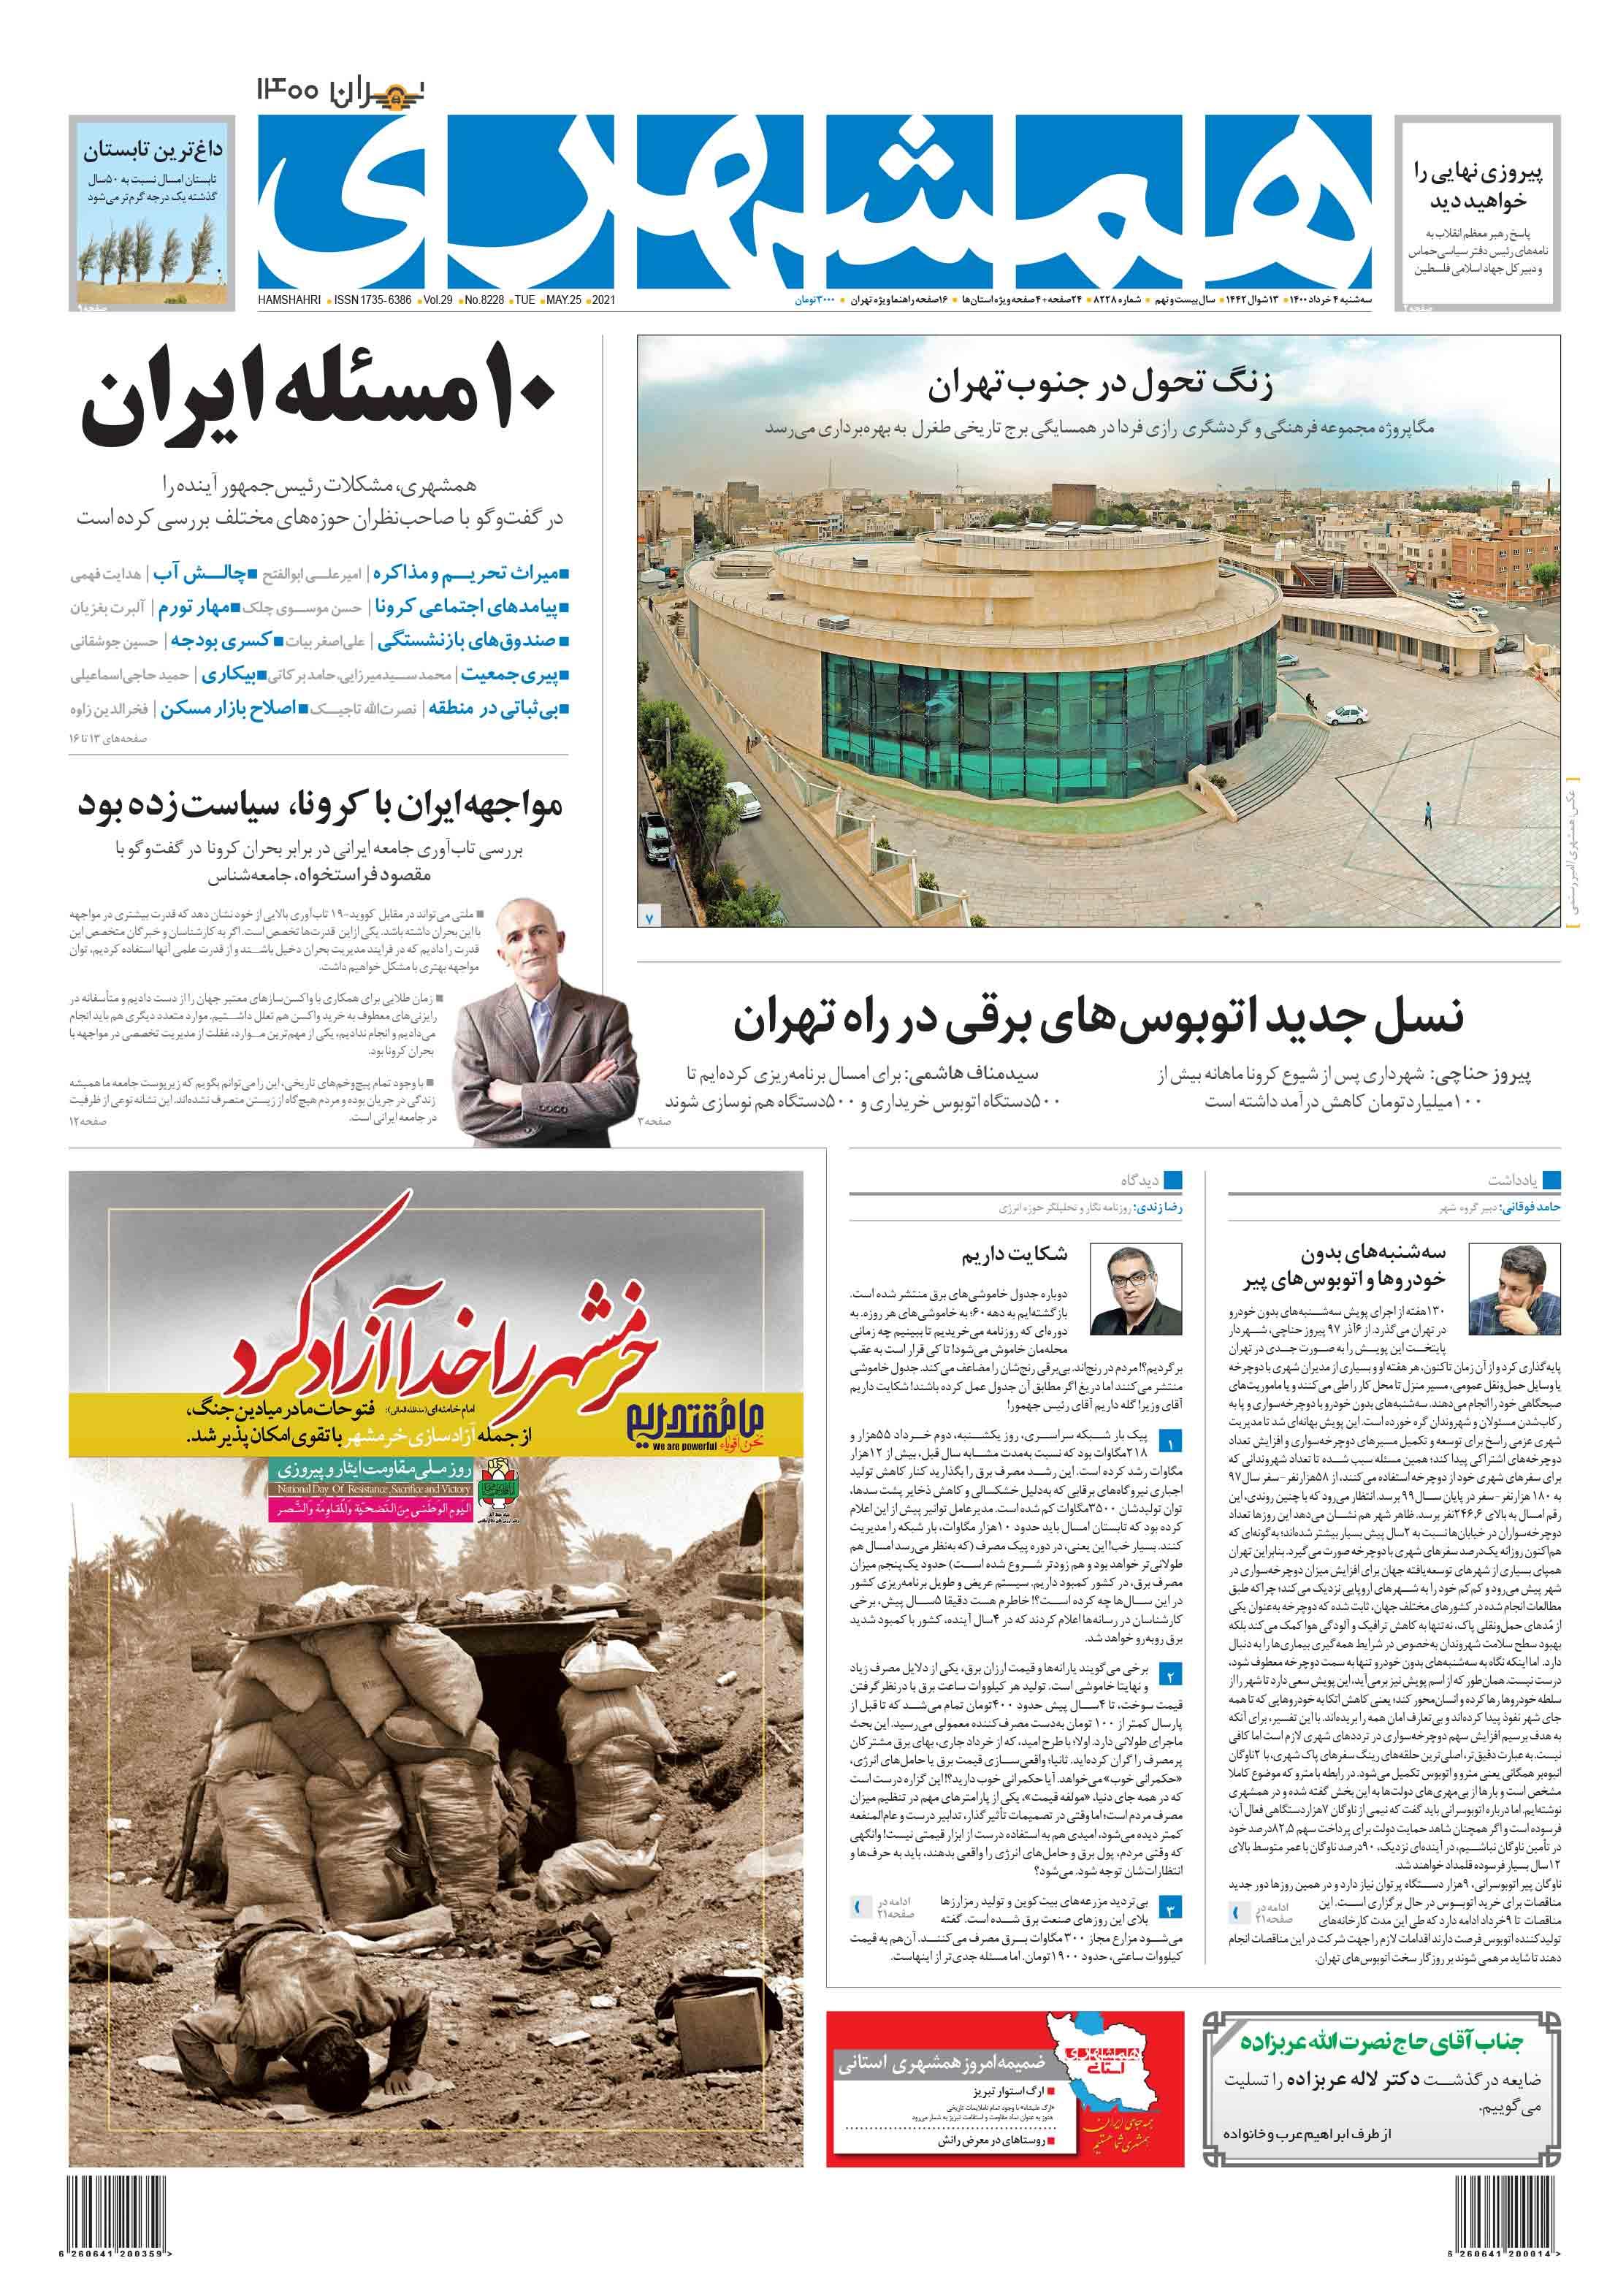 صفحه اول سهشنبه 4 خرداد 1400